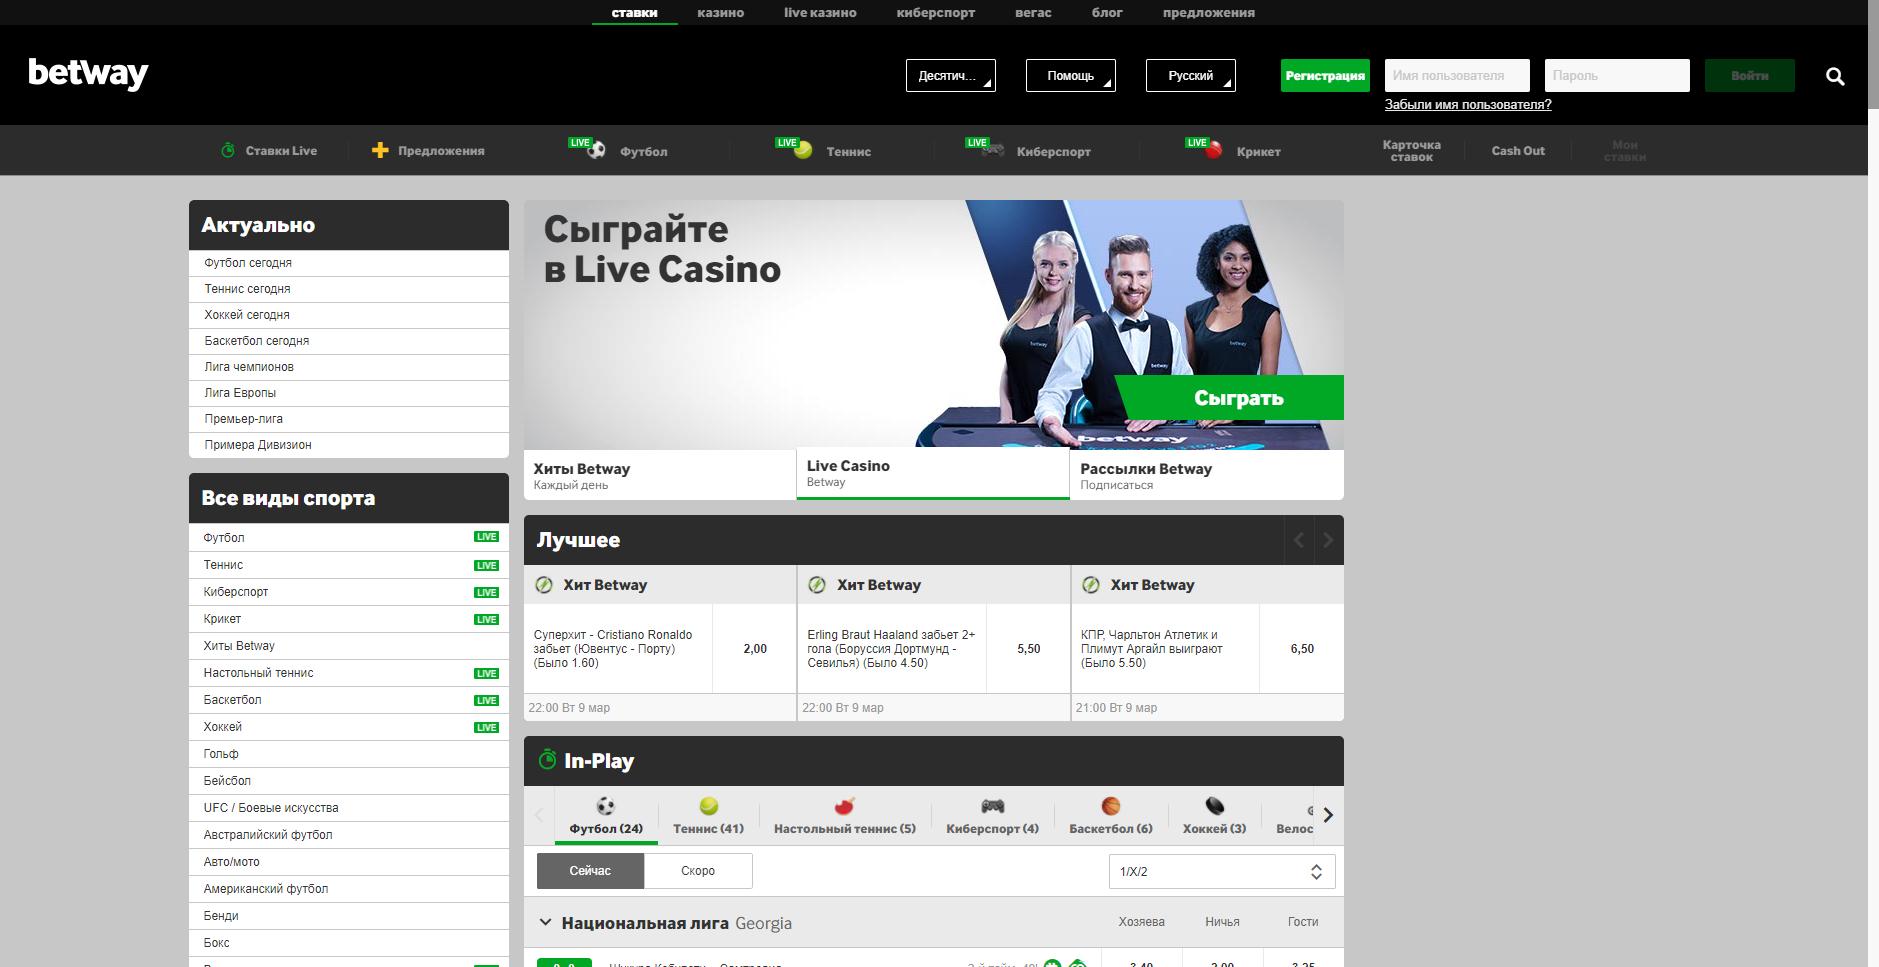 интерфейс главной страницы бетвэй